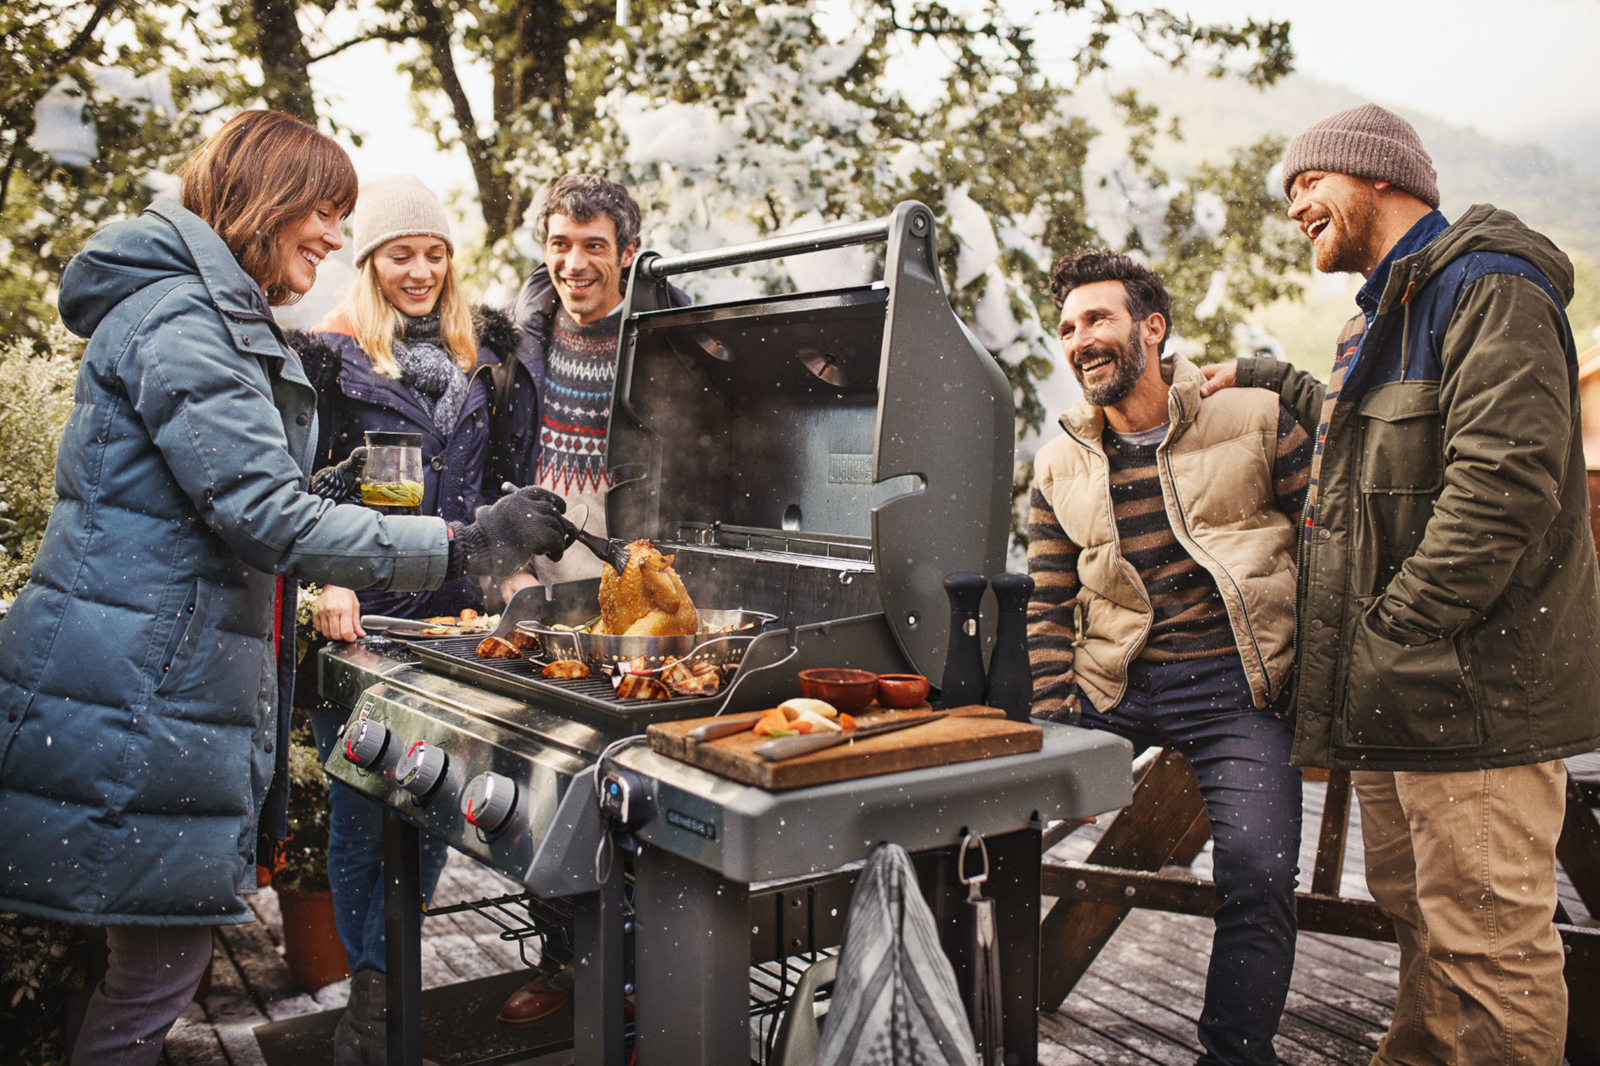 Schoonmaken van de barbecue: Top onderhoudstips voor een